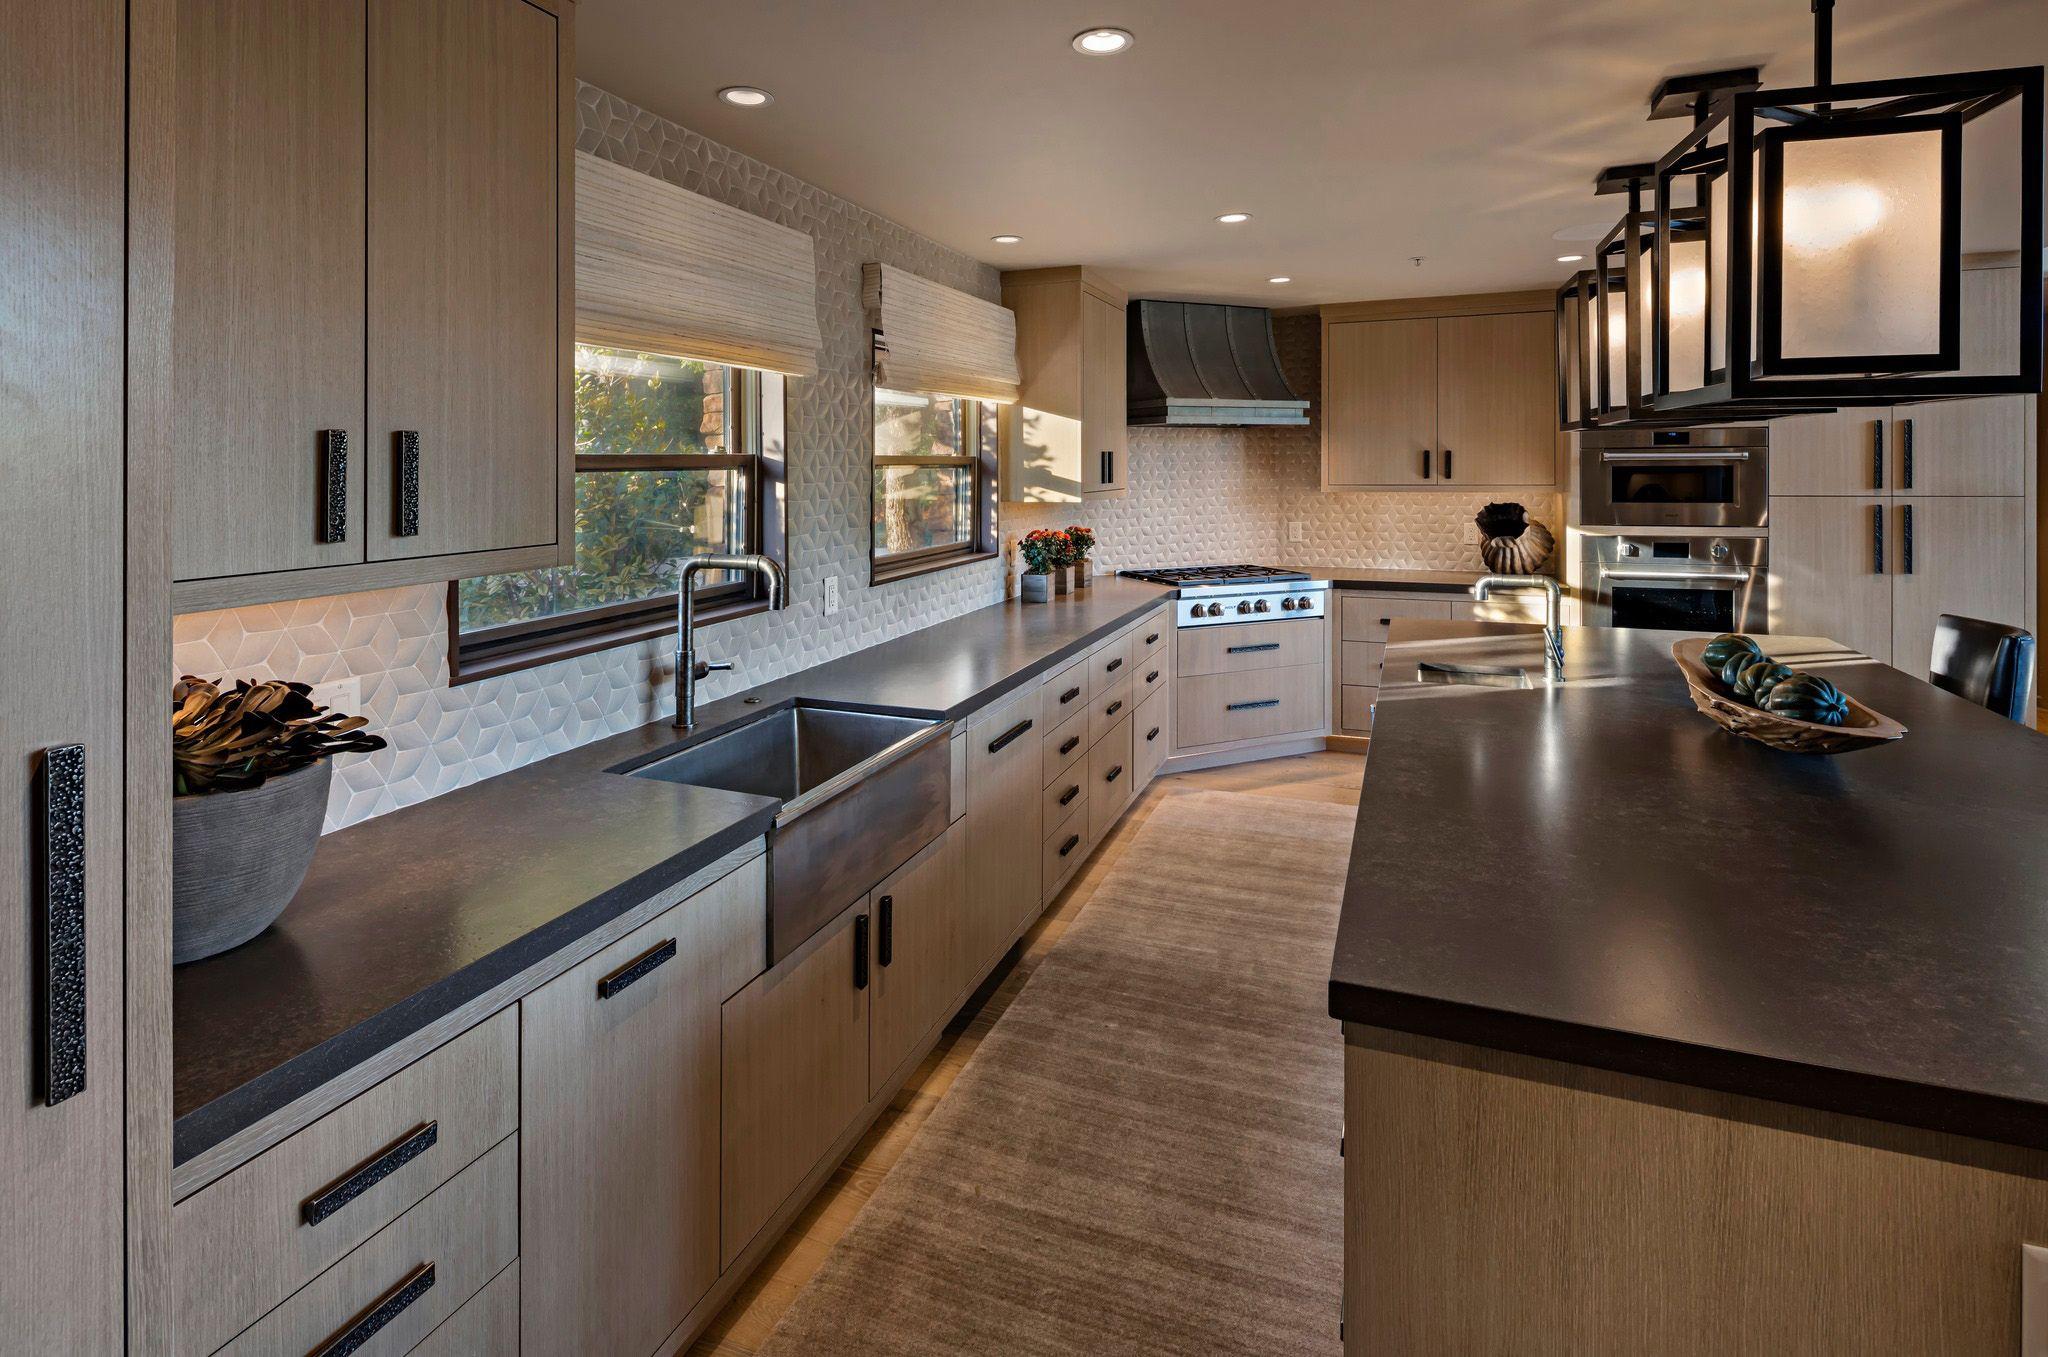 kitchen envy in 2020 interior luxury design rustic retreat on kitchen interior accessories id=57805